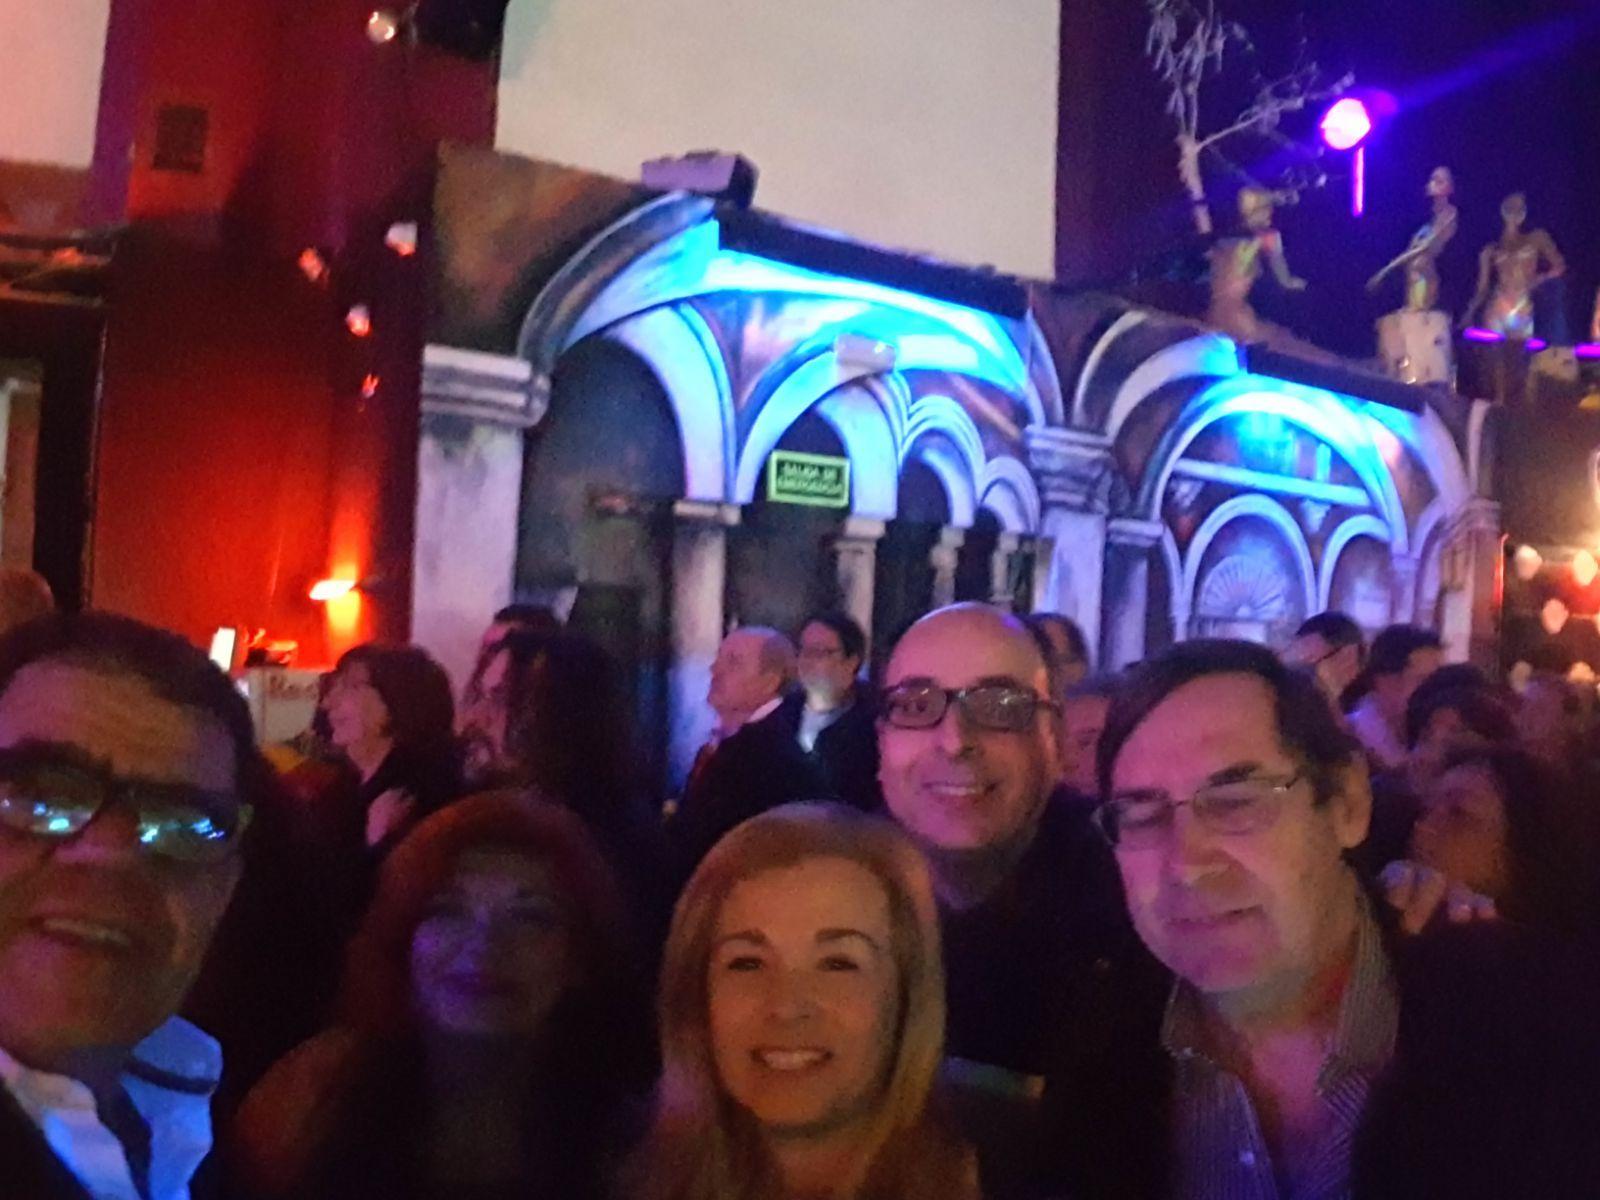 Cincuentopía acompaña a Dr. Feelgood en su gira por Europa